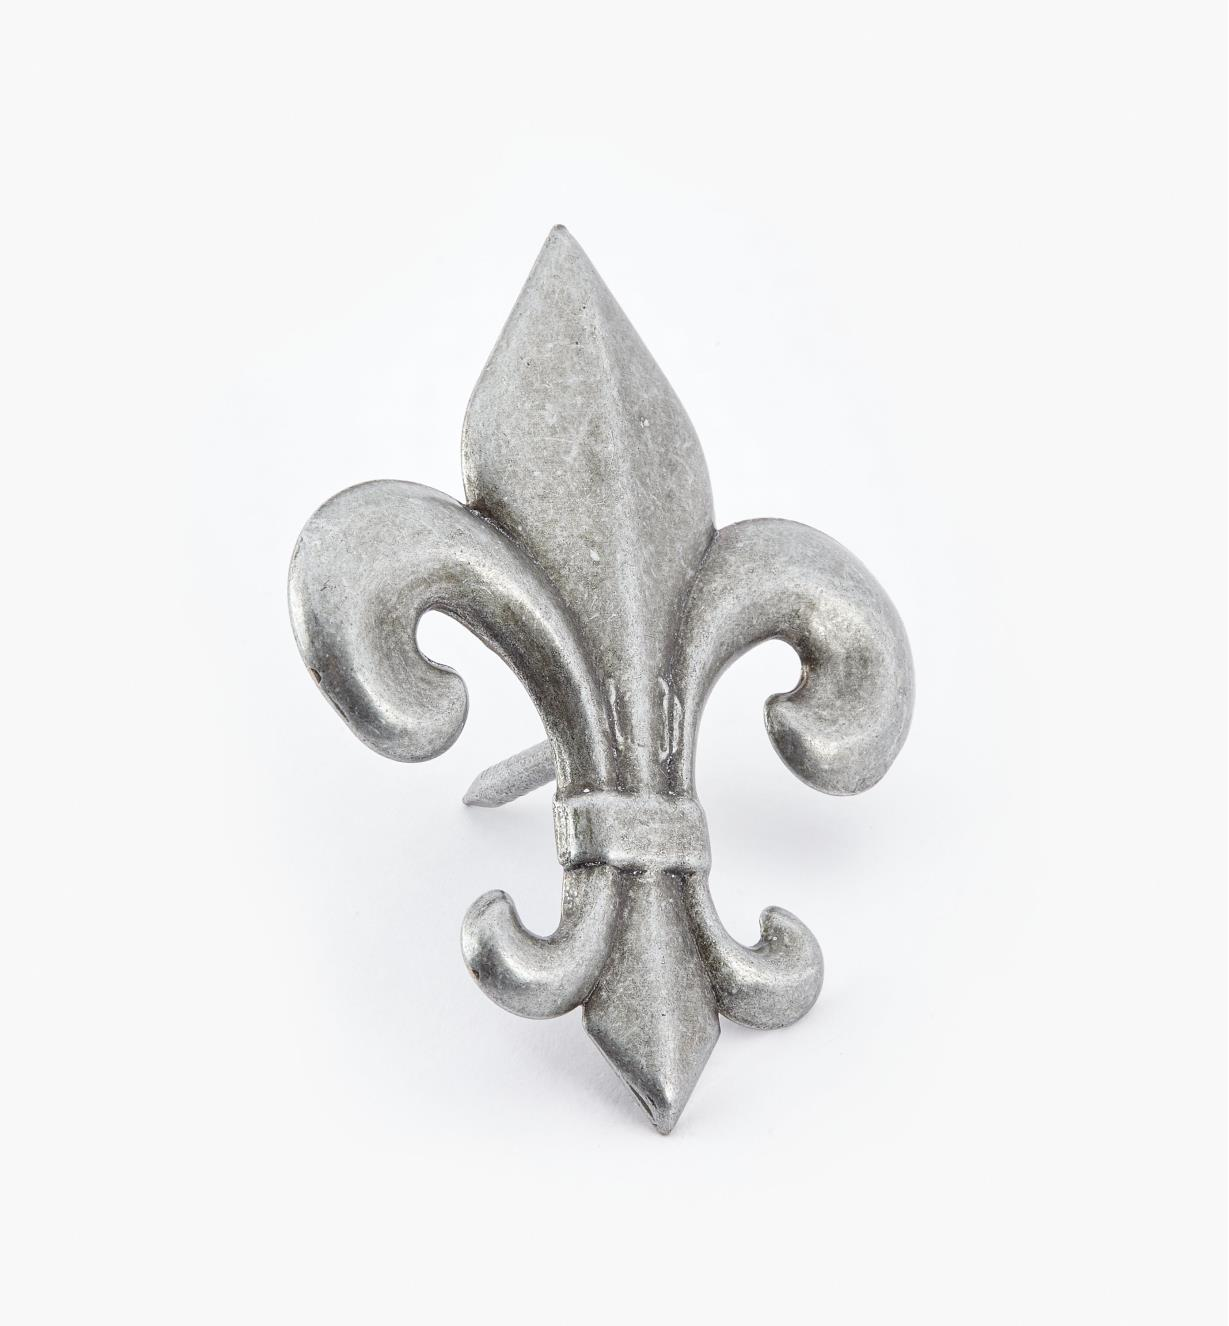 00T0948 - Clou décoratif en fleur de lys, fini étain antique, 2 11/16 po x 7/8 po, l'unité